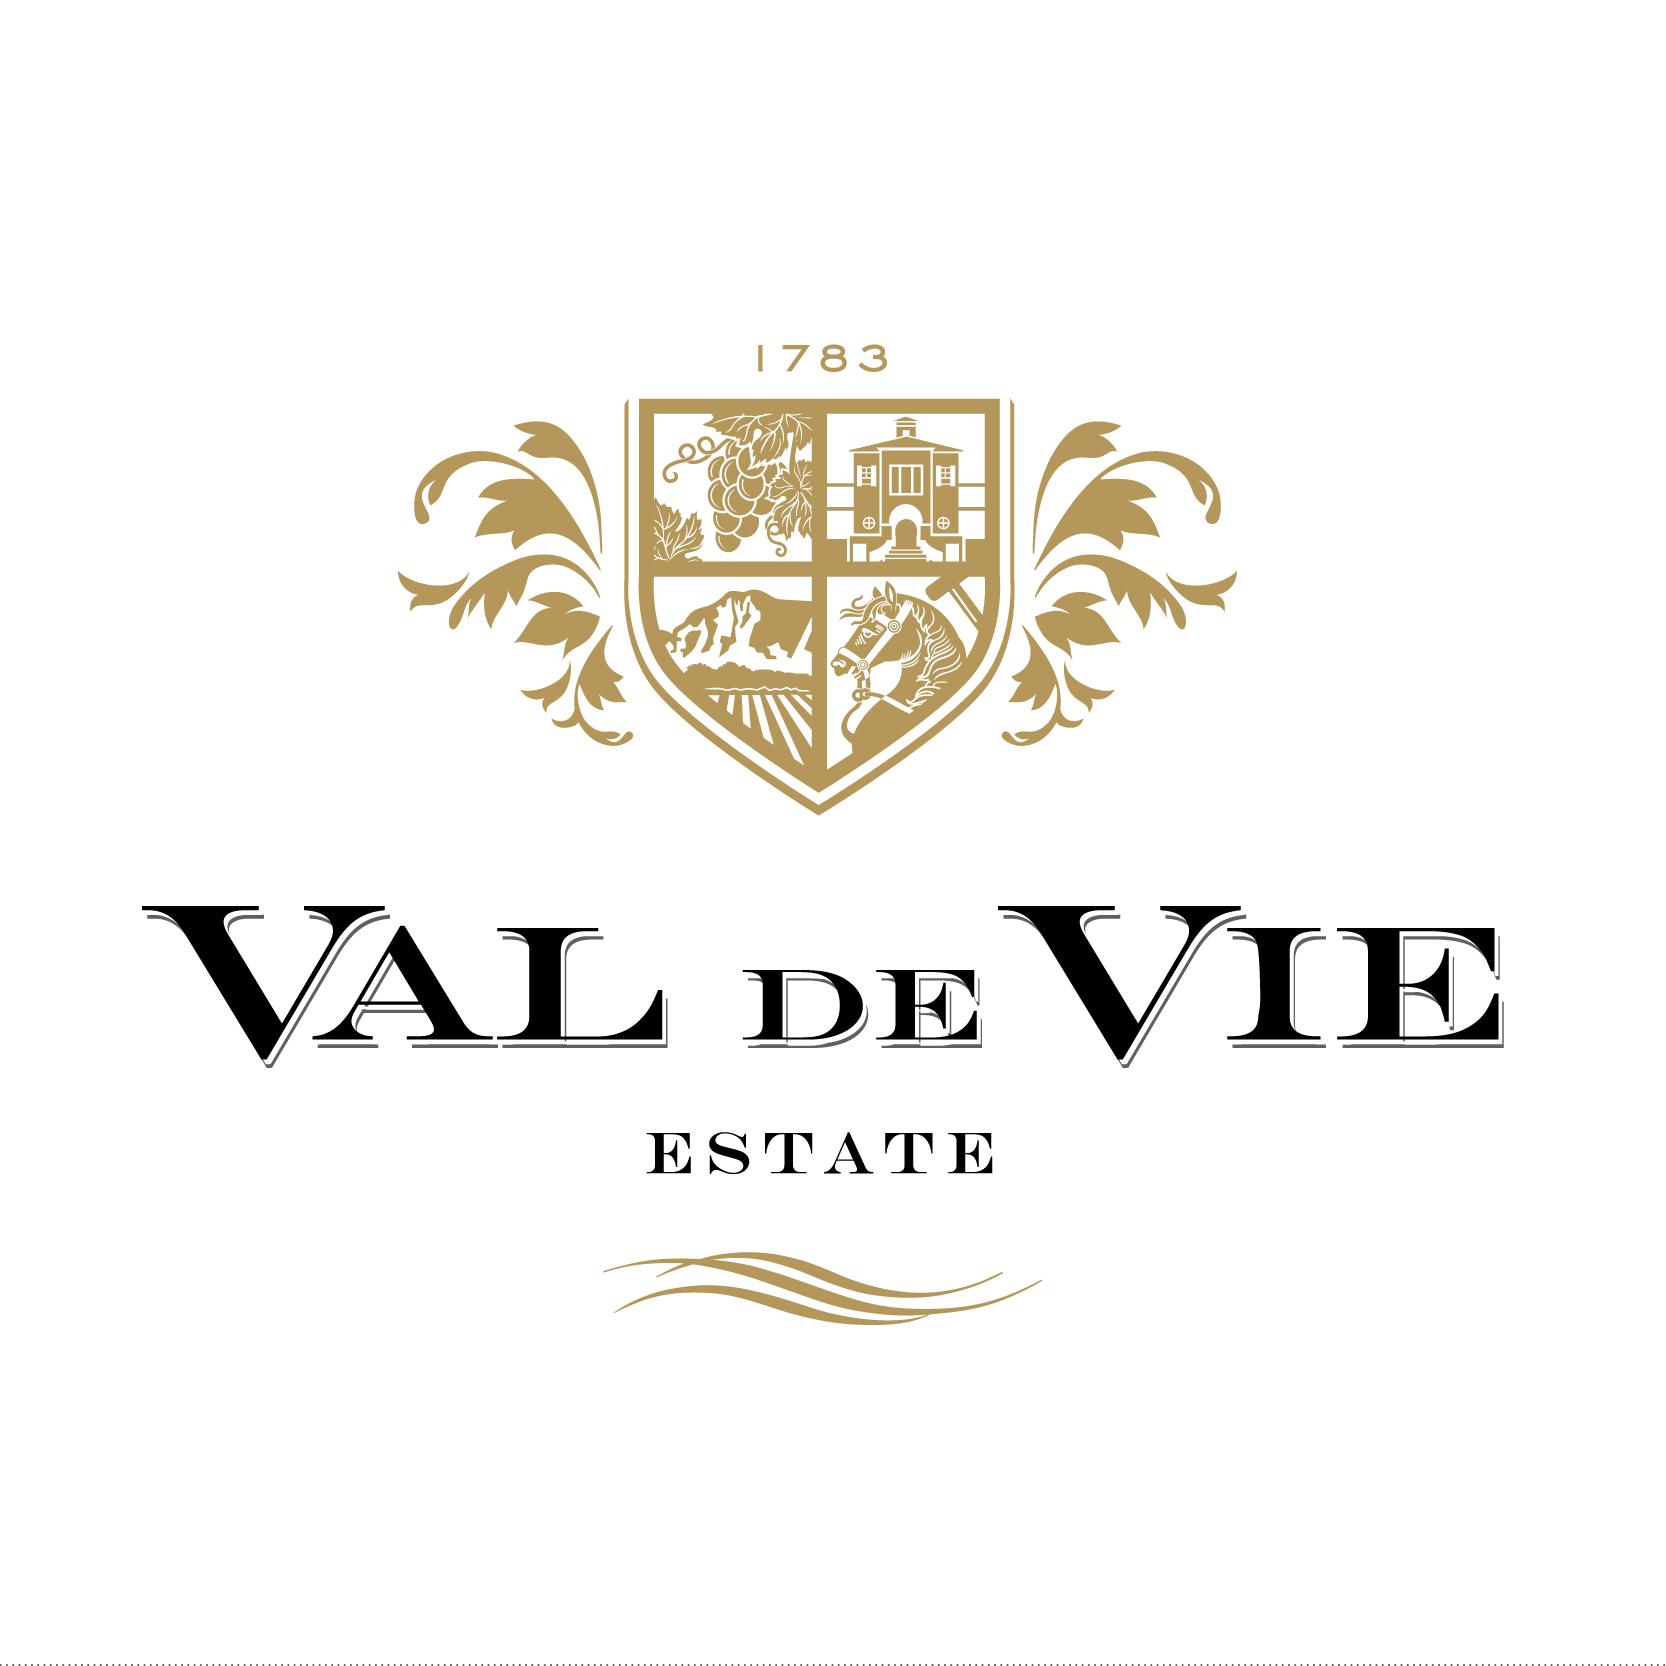 http://valdevie.co.za/